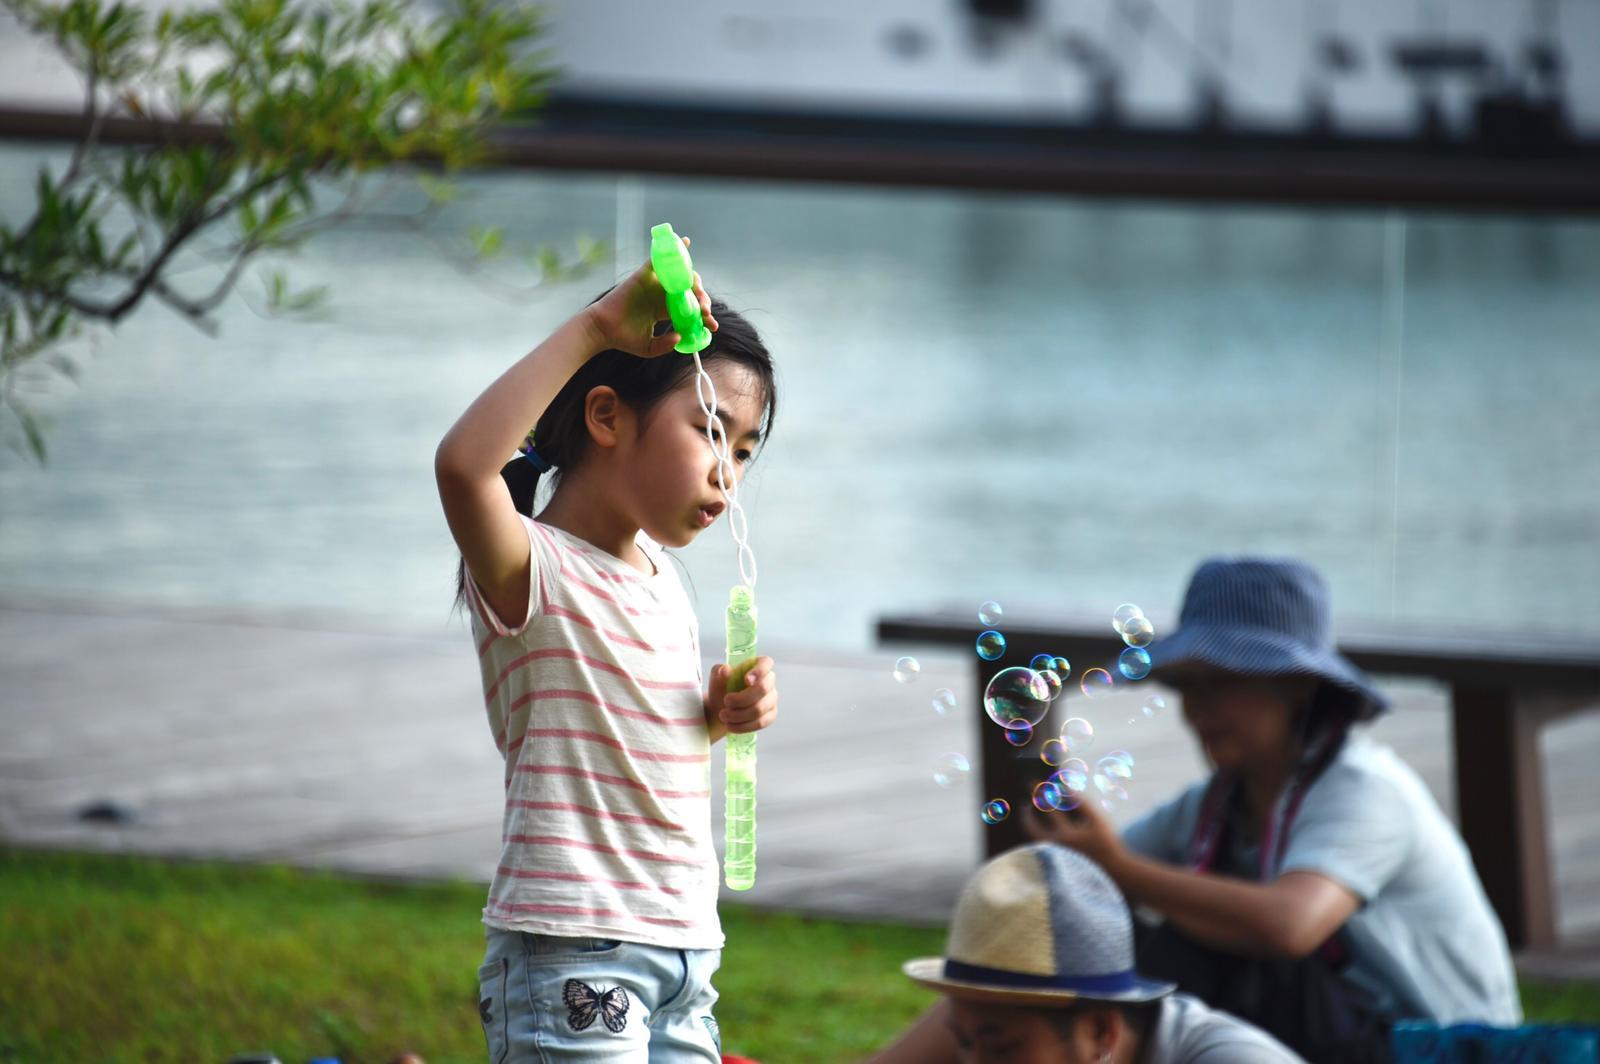 天文台預測,未來兩三天華南沿岸普遍晴朗及酷熱的天氣。 資料圖片